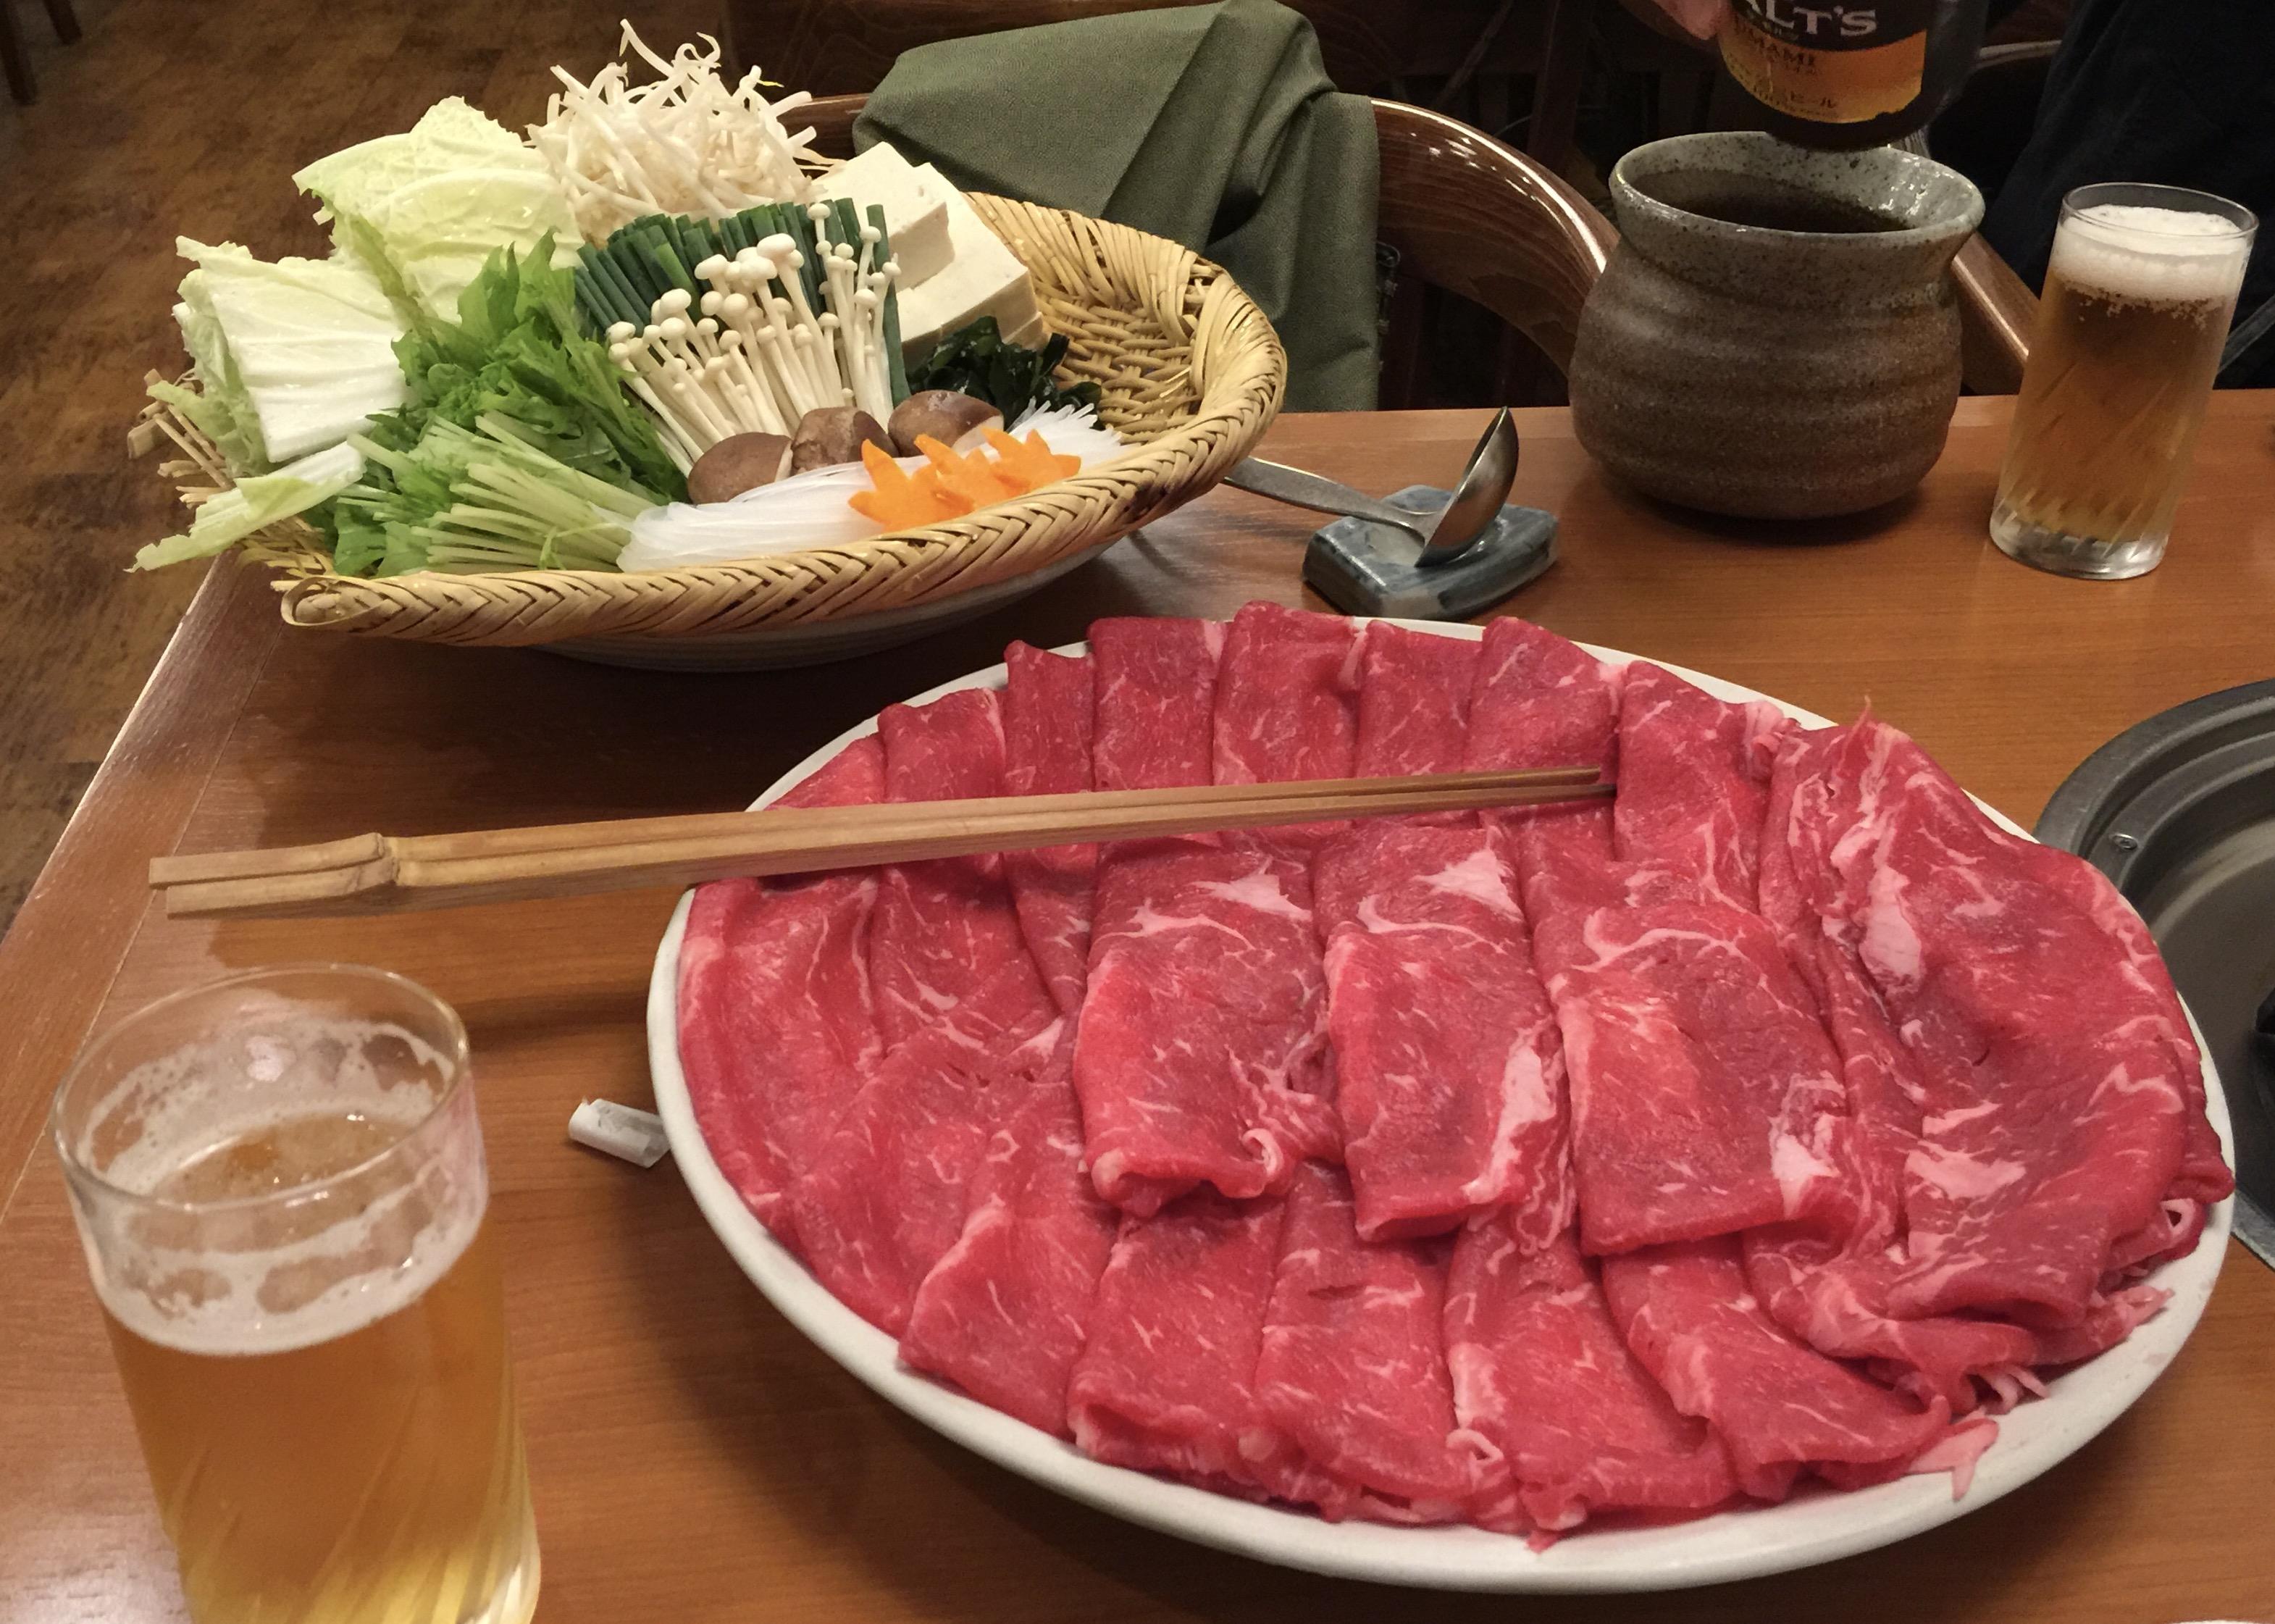 【千種区/今池】有名しゃぶしゃぶ屋さんでしゃぶしゃぶ90分食べ放題!